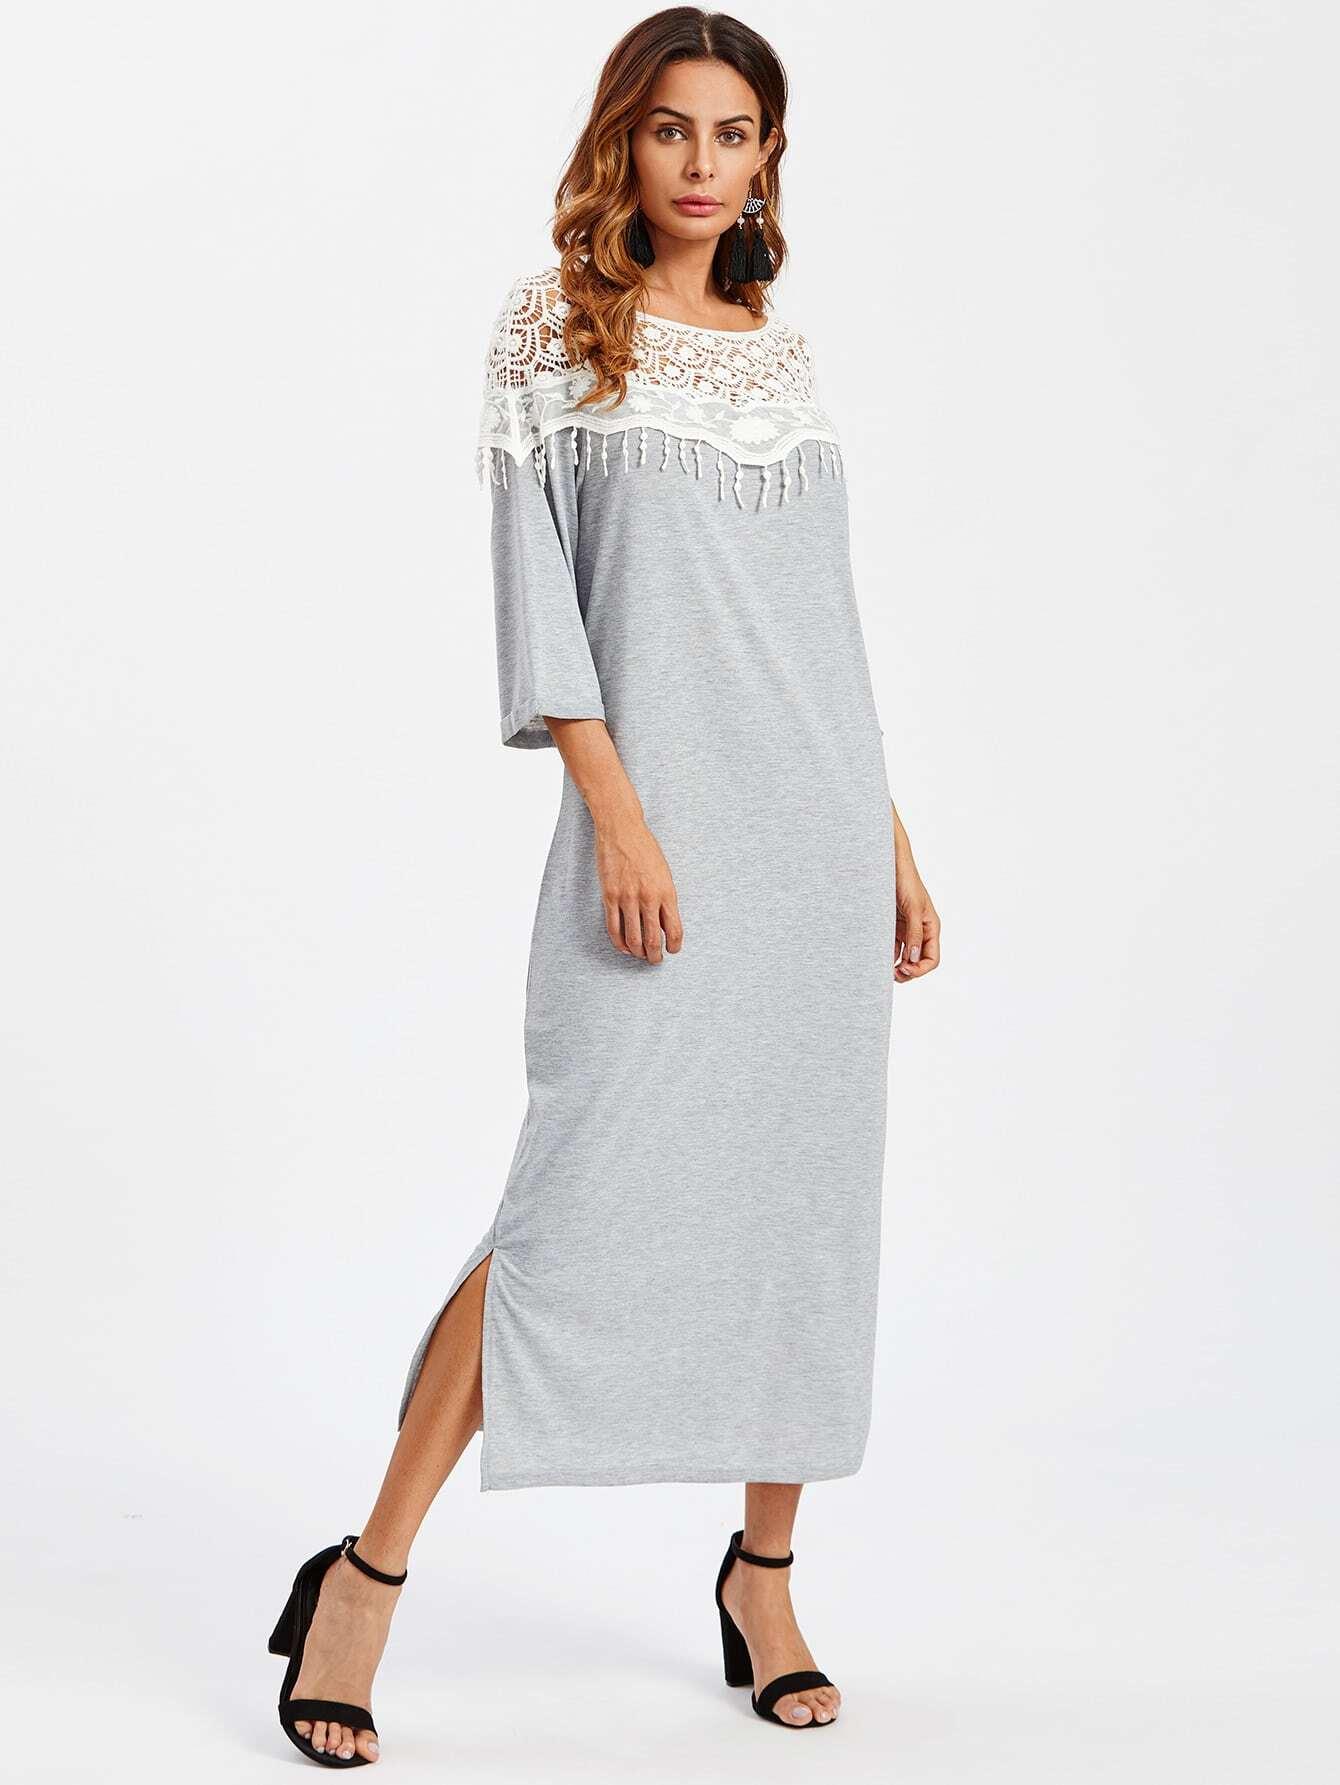 Lace Crochet Contrast Split Side Dress dress170920130